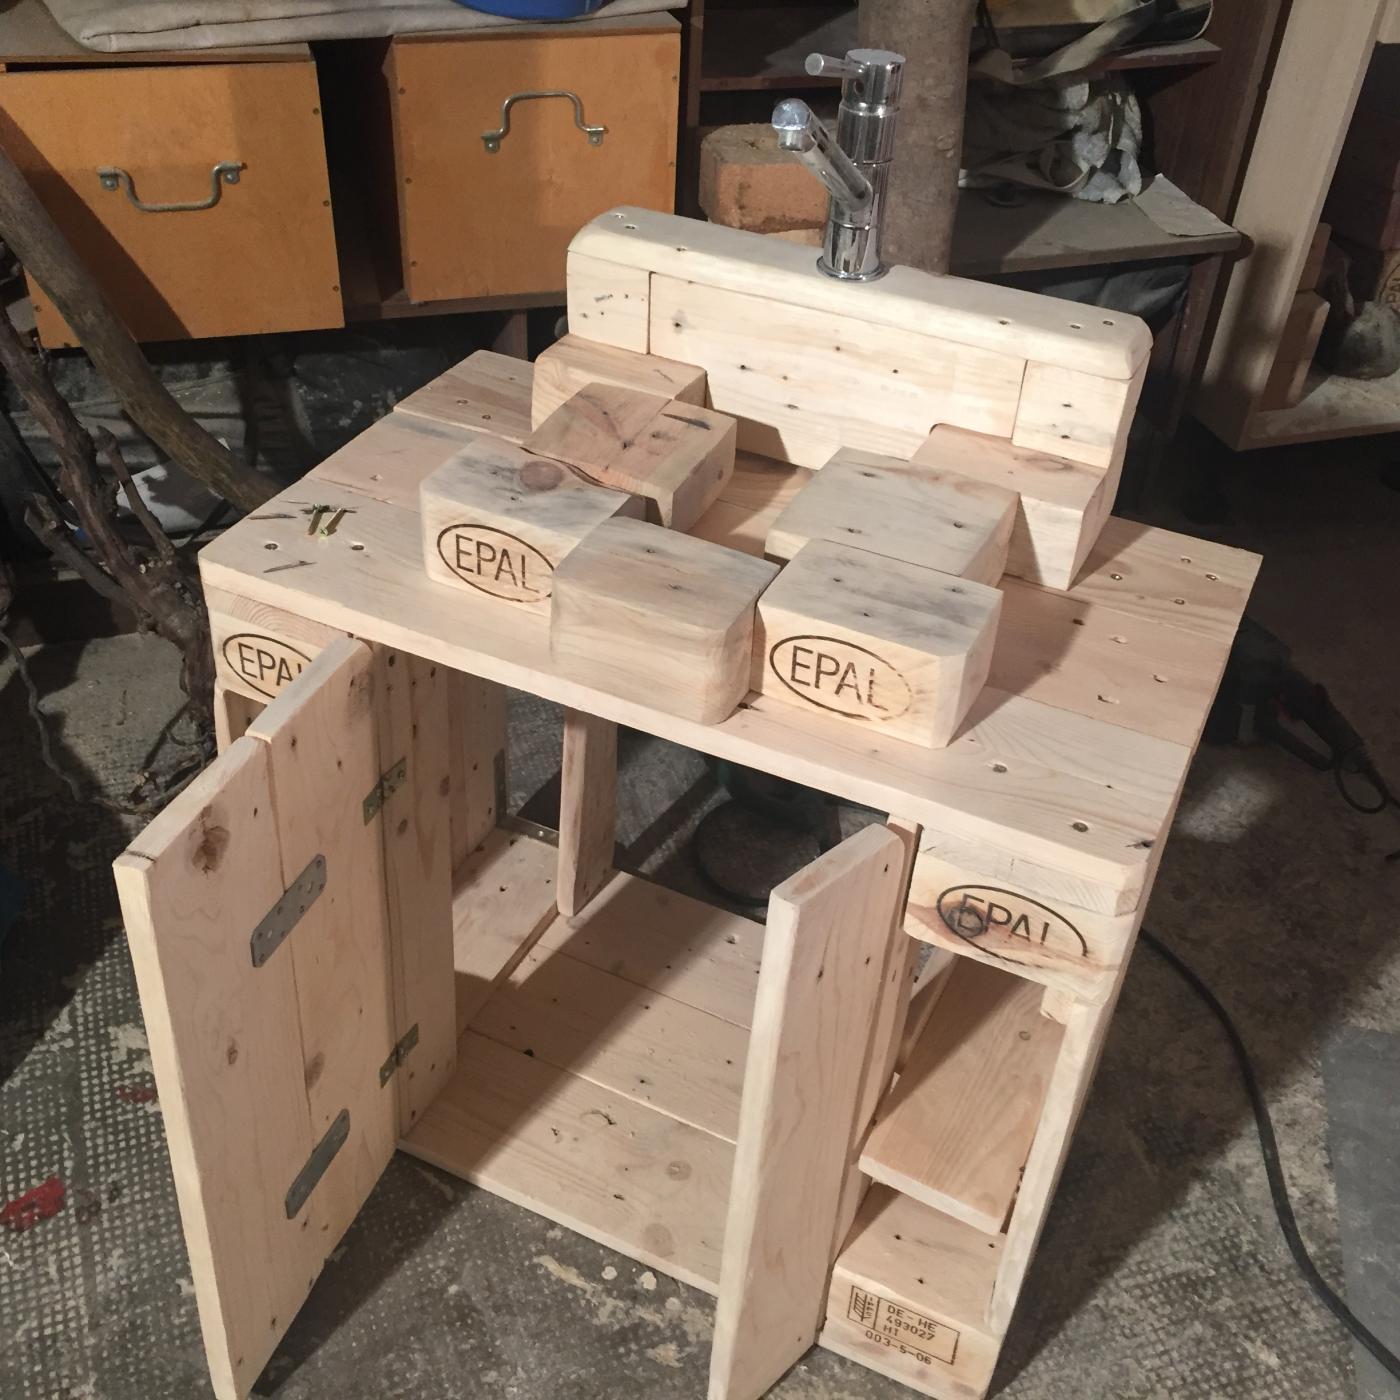 waschbeckenunterbau montiert - palettenbett und palettenmöbel